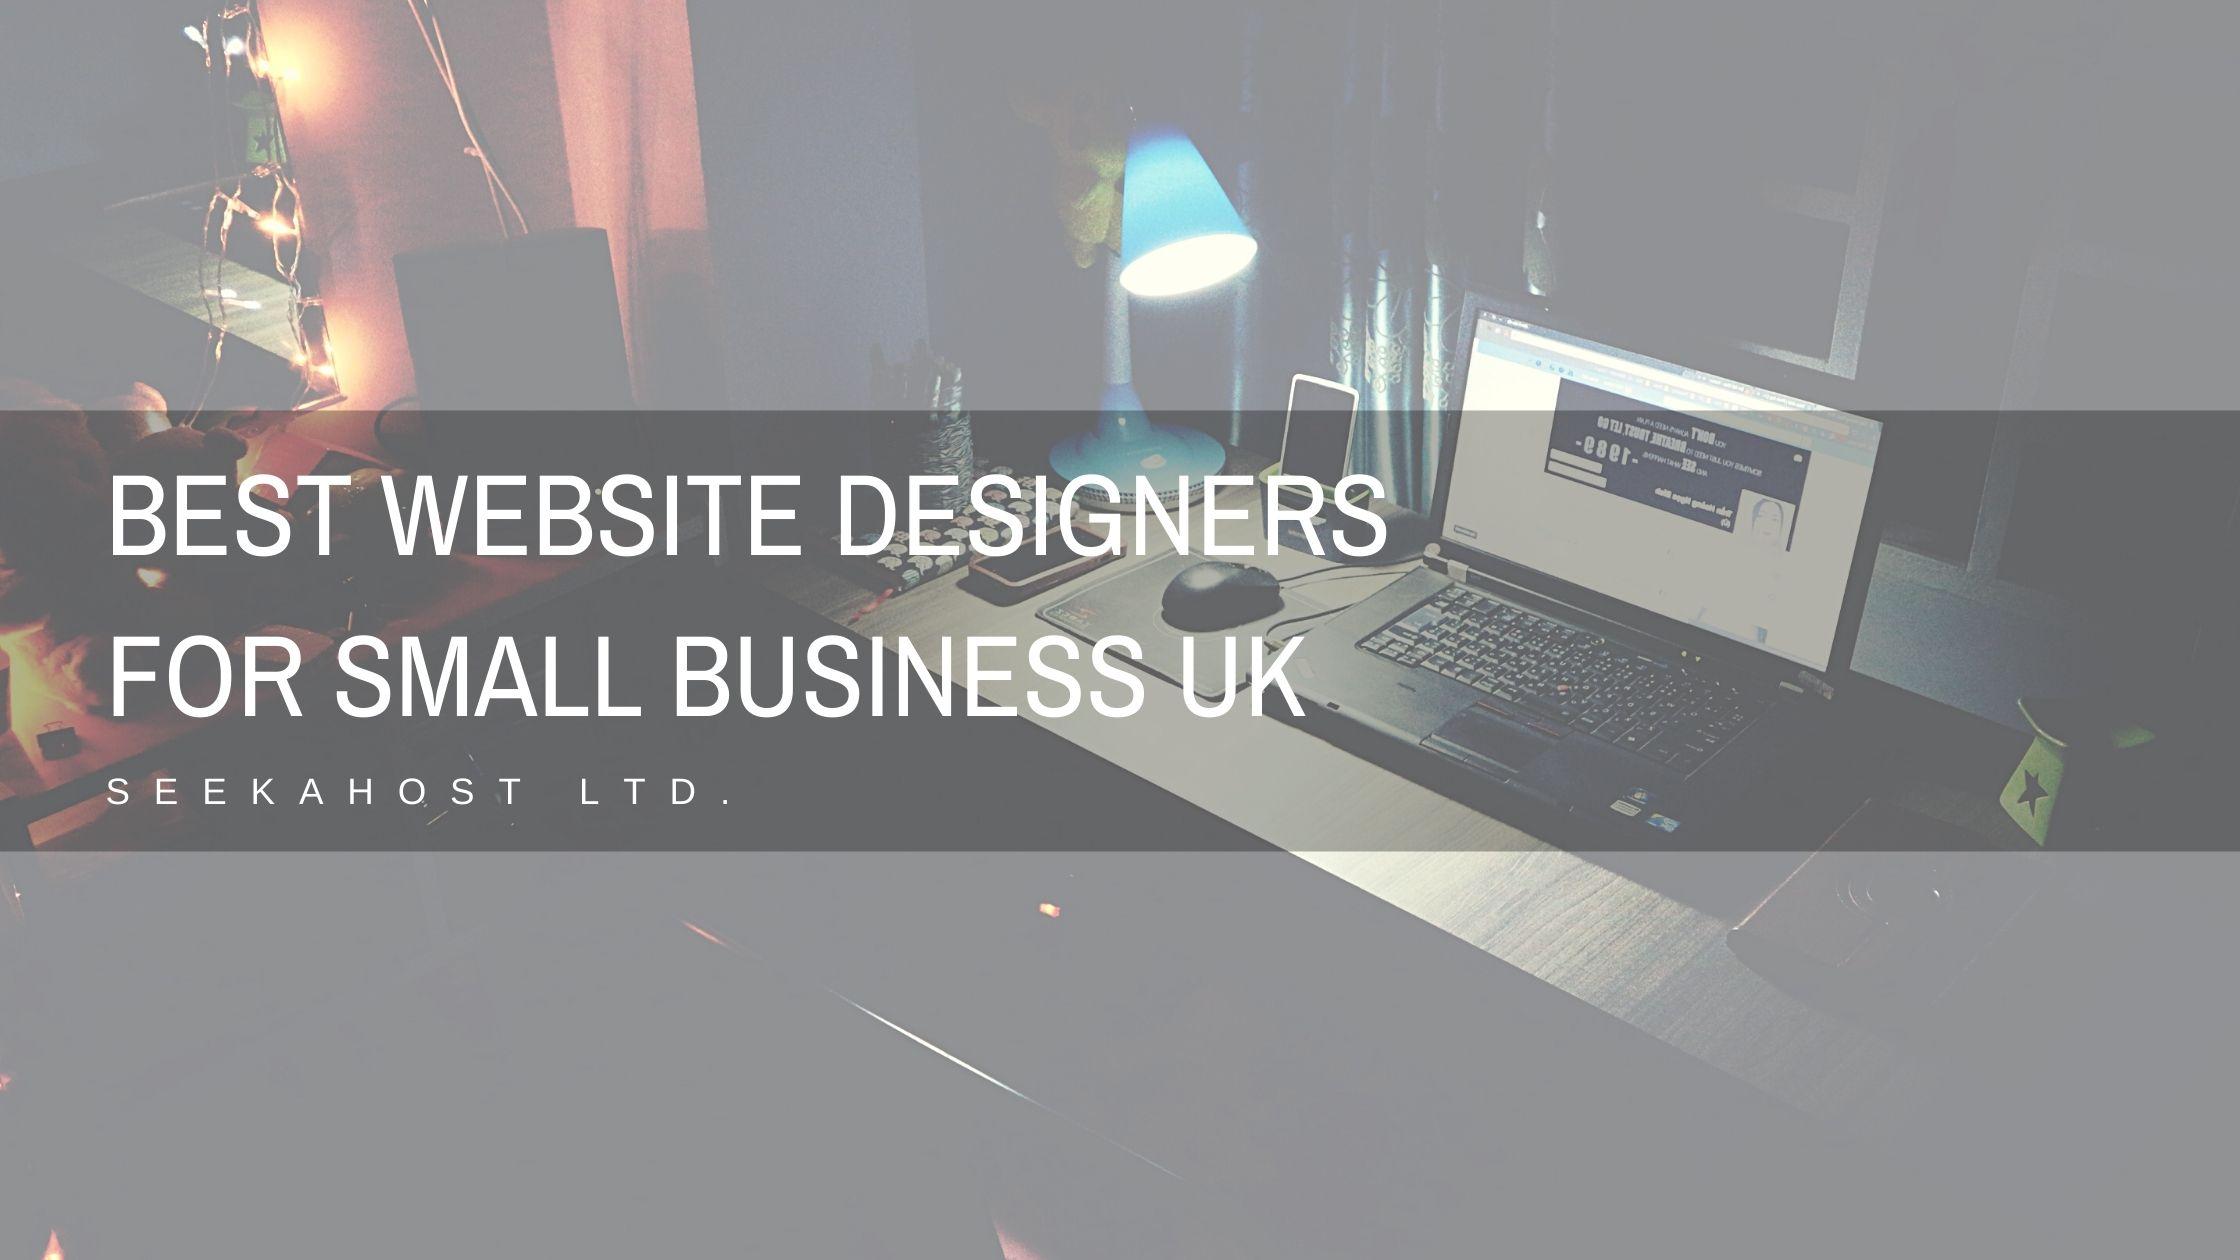 Top 10 website design companies